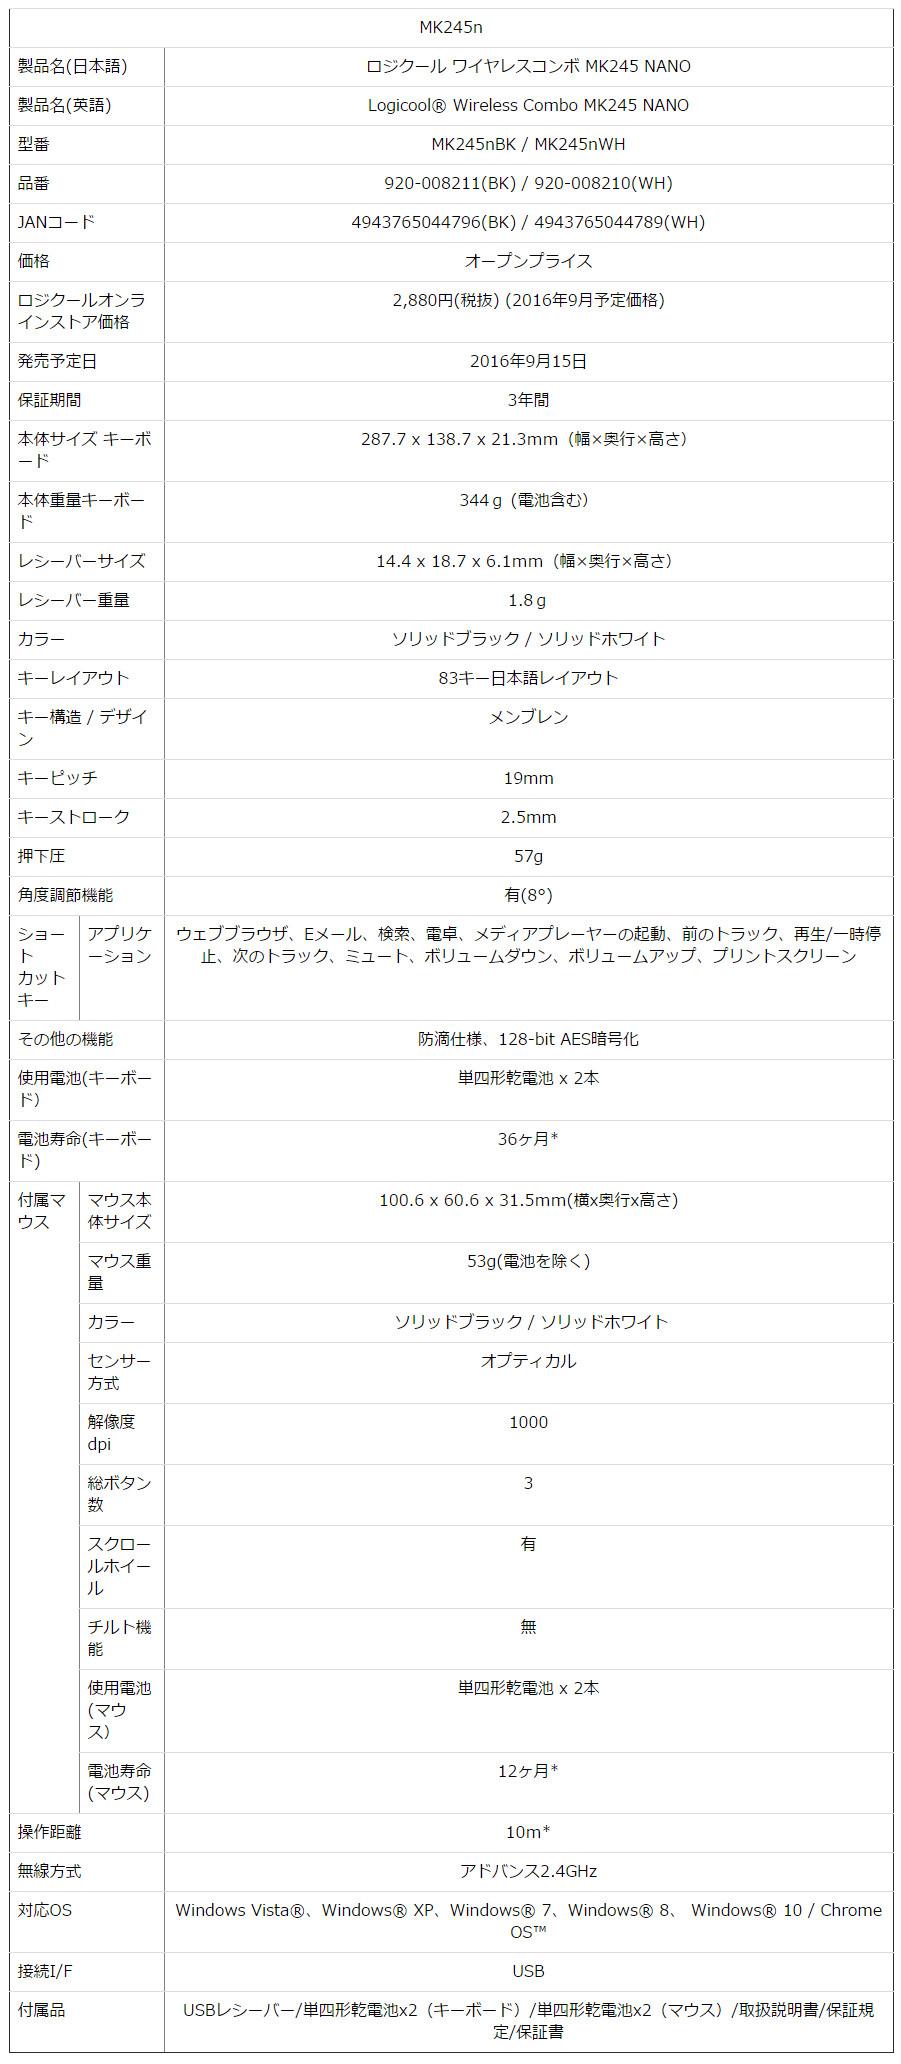 ロジクール ワイヤレスコンボ MK245 NANO スペック表